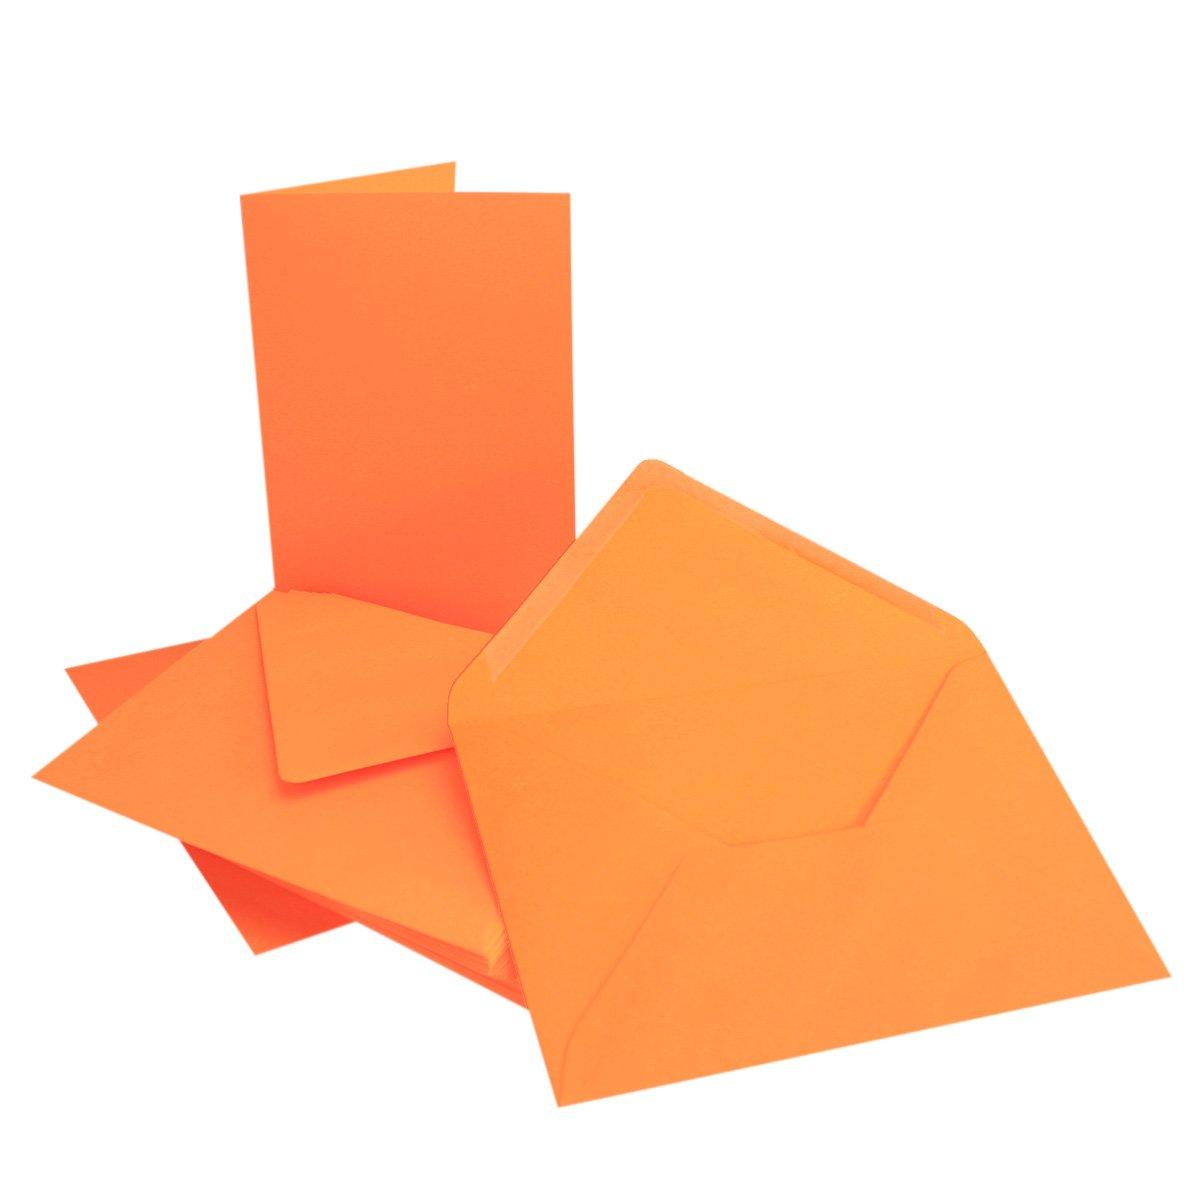 75 Sets - Faltkarten Hellgrau - Din A5  Umschläge Din C5 - Premium Qualität - Sehr formstabil - Qualitätsmarke  NEUSER FarbenFroh B07BSCZ17K | Diversified In Packaging